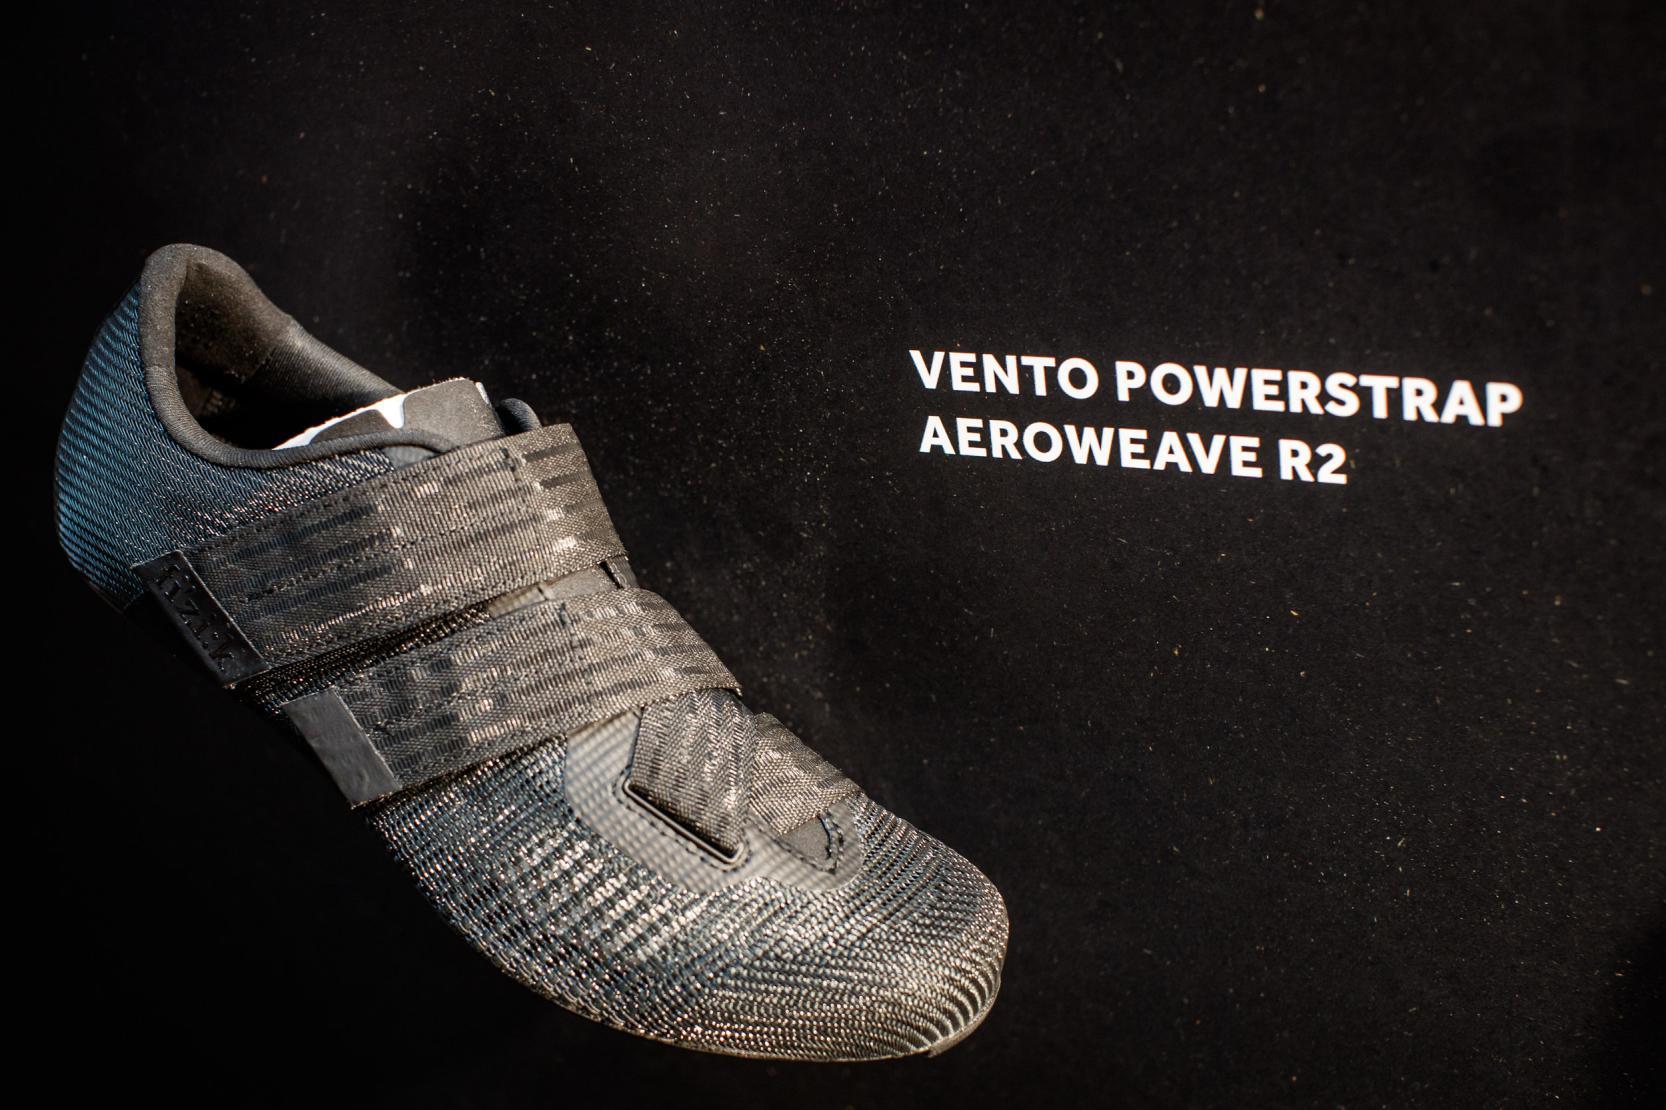 Vento Powerstrap Aerowave R2R2 Carbon Außensohle, 205 Gramm (42,5), Größen 36-48, Schwarz